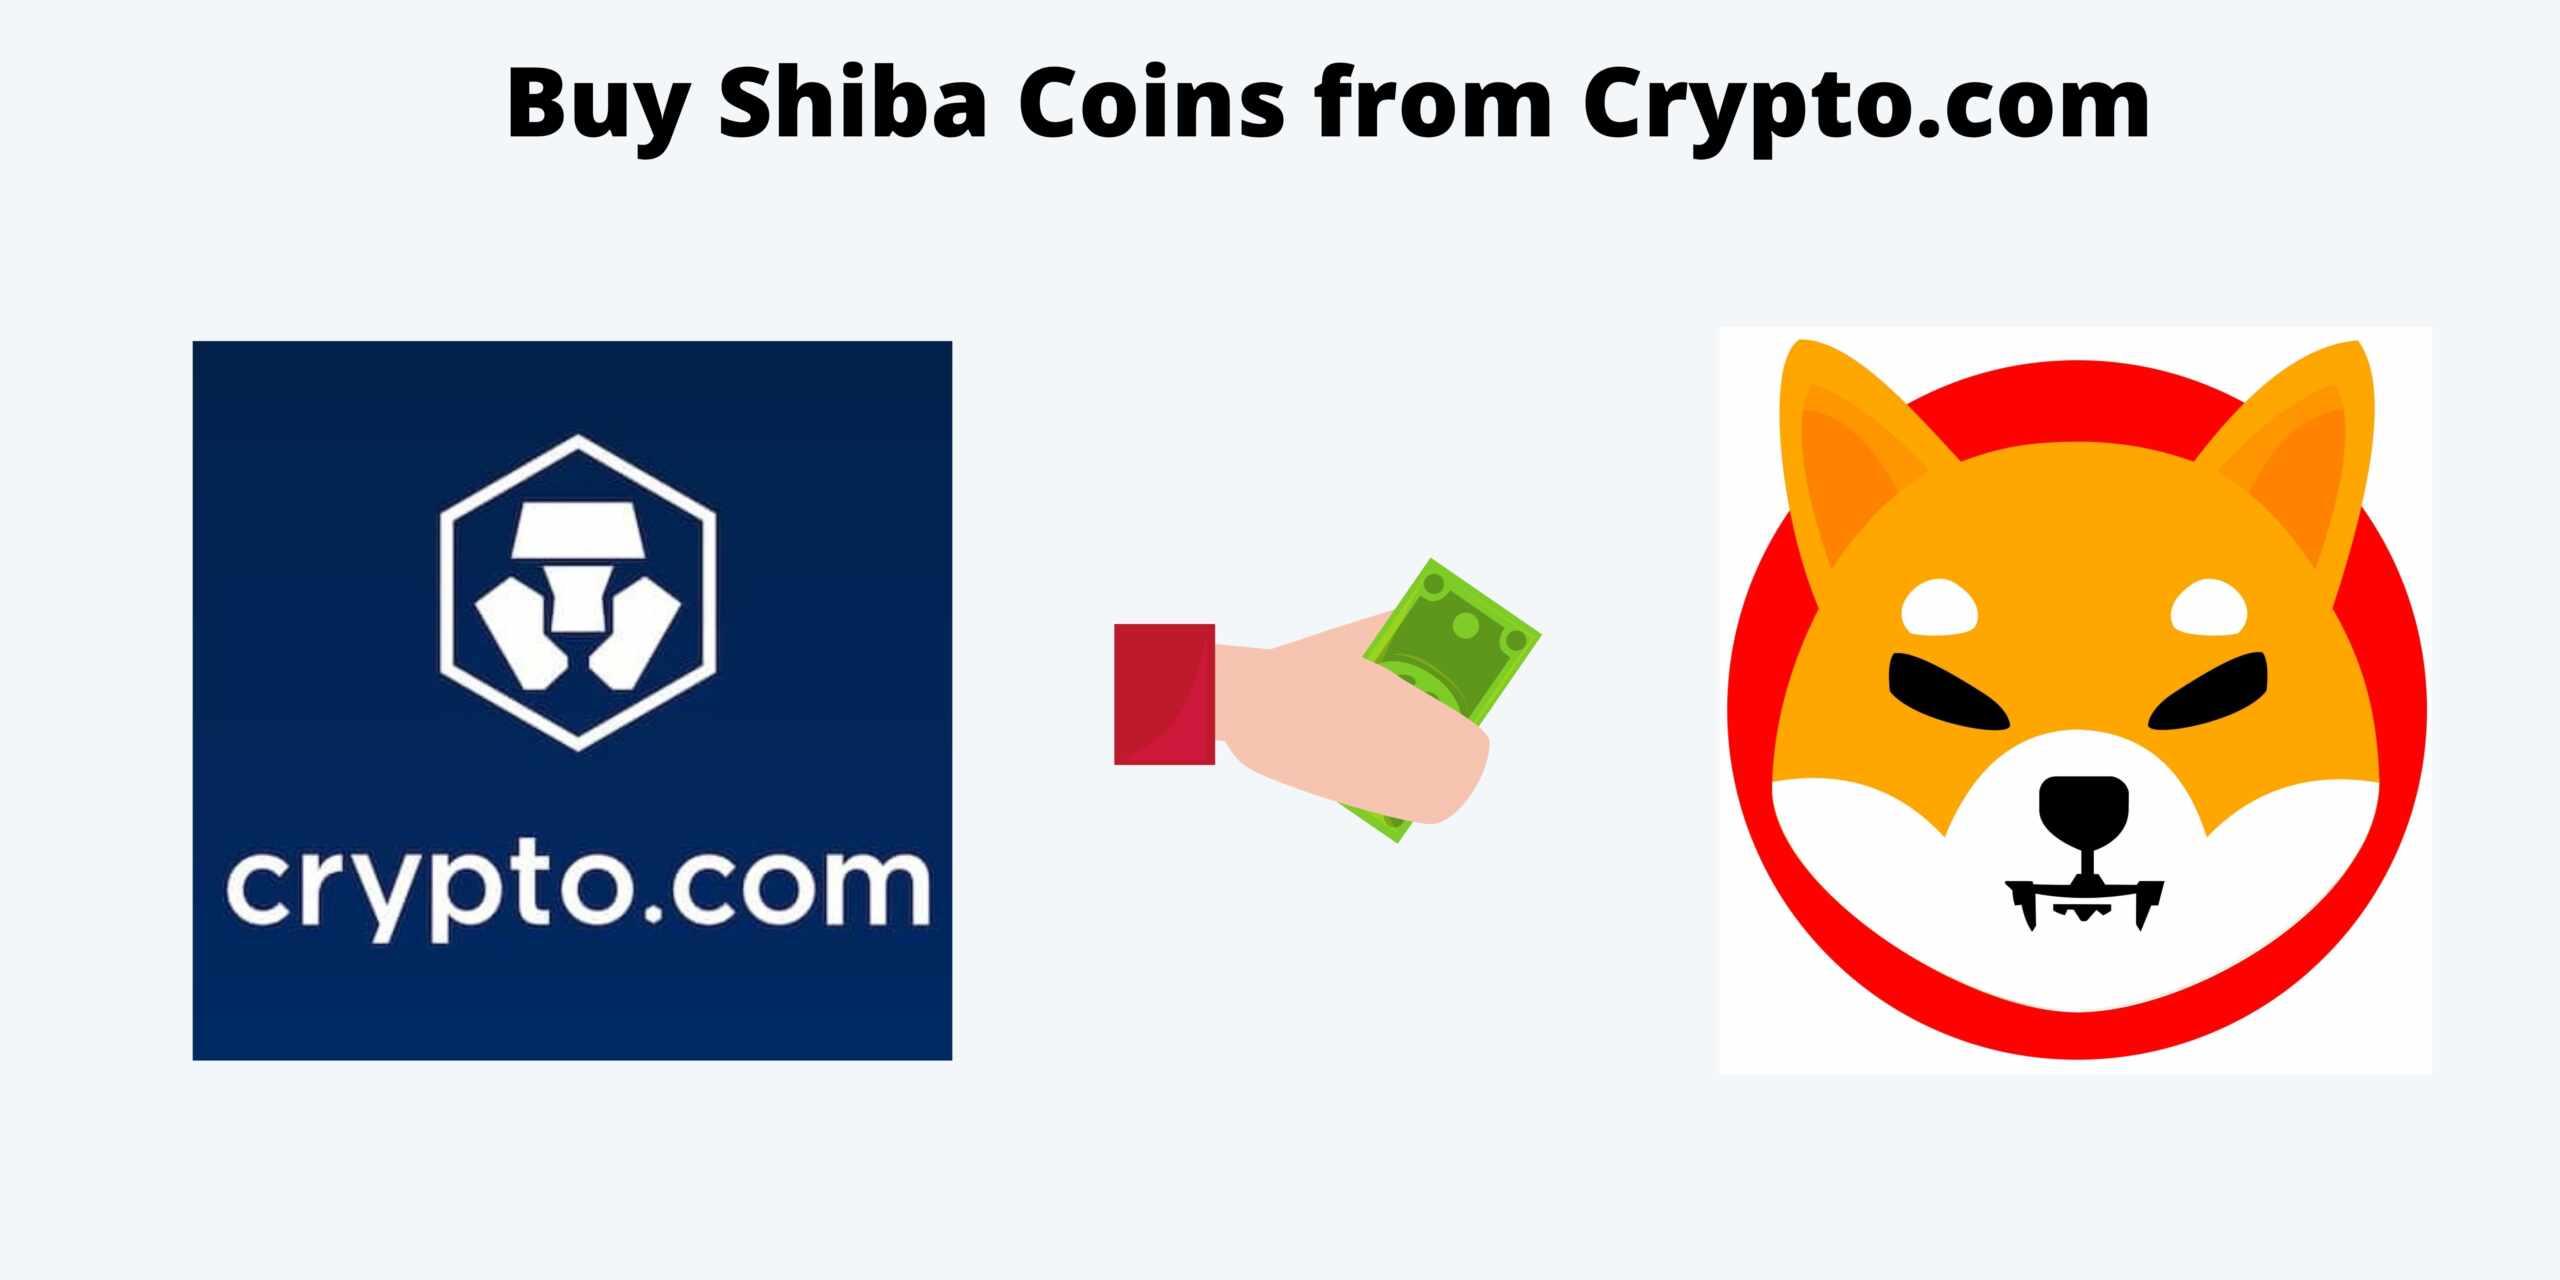 Buy Shiba Coin